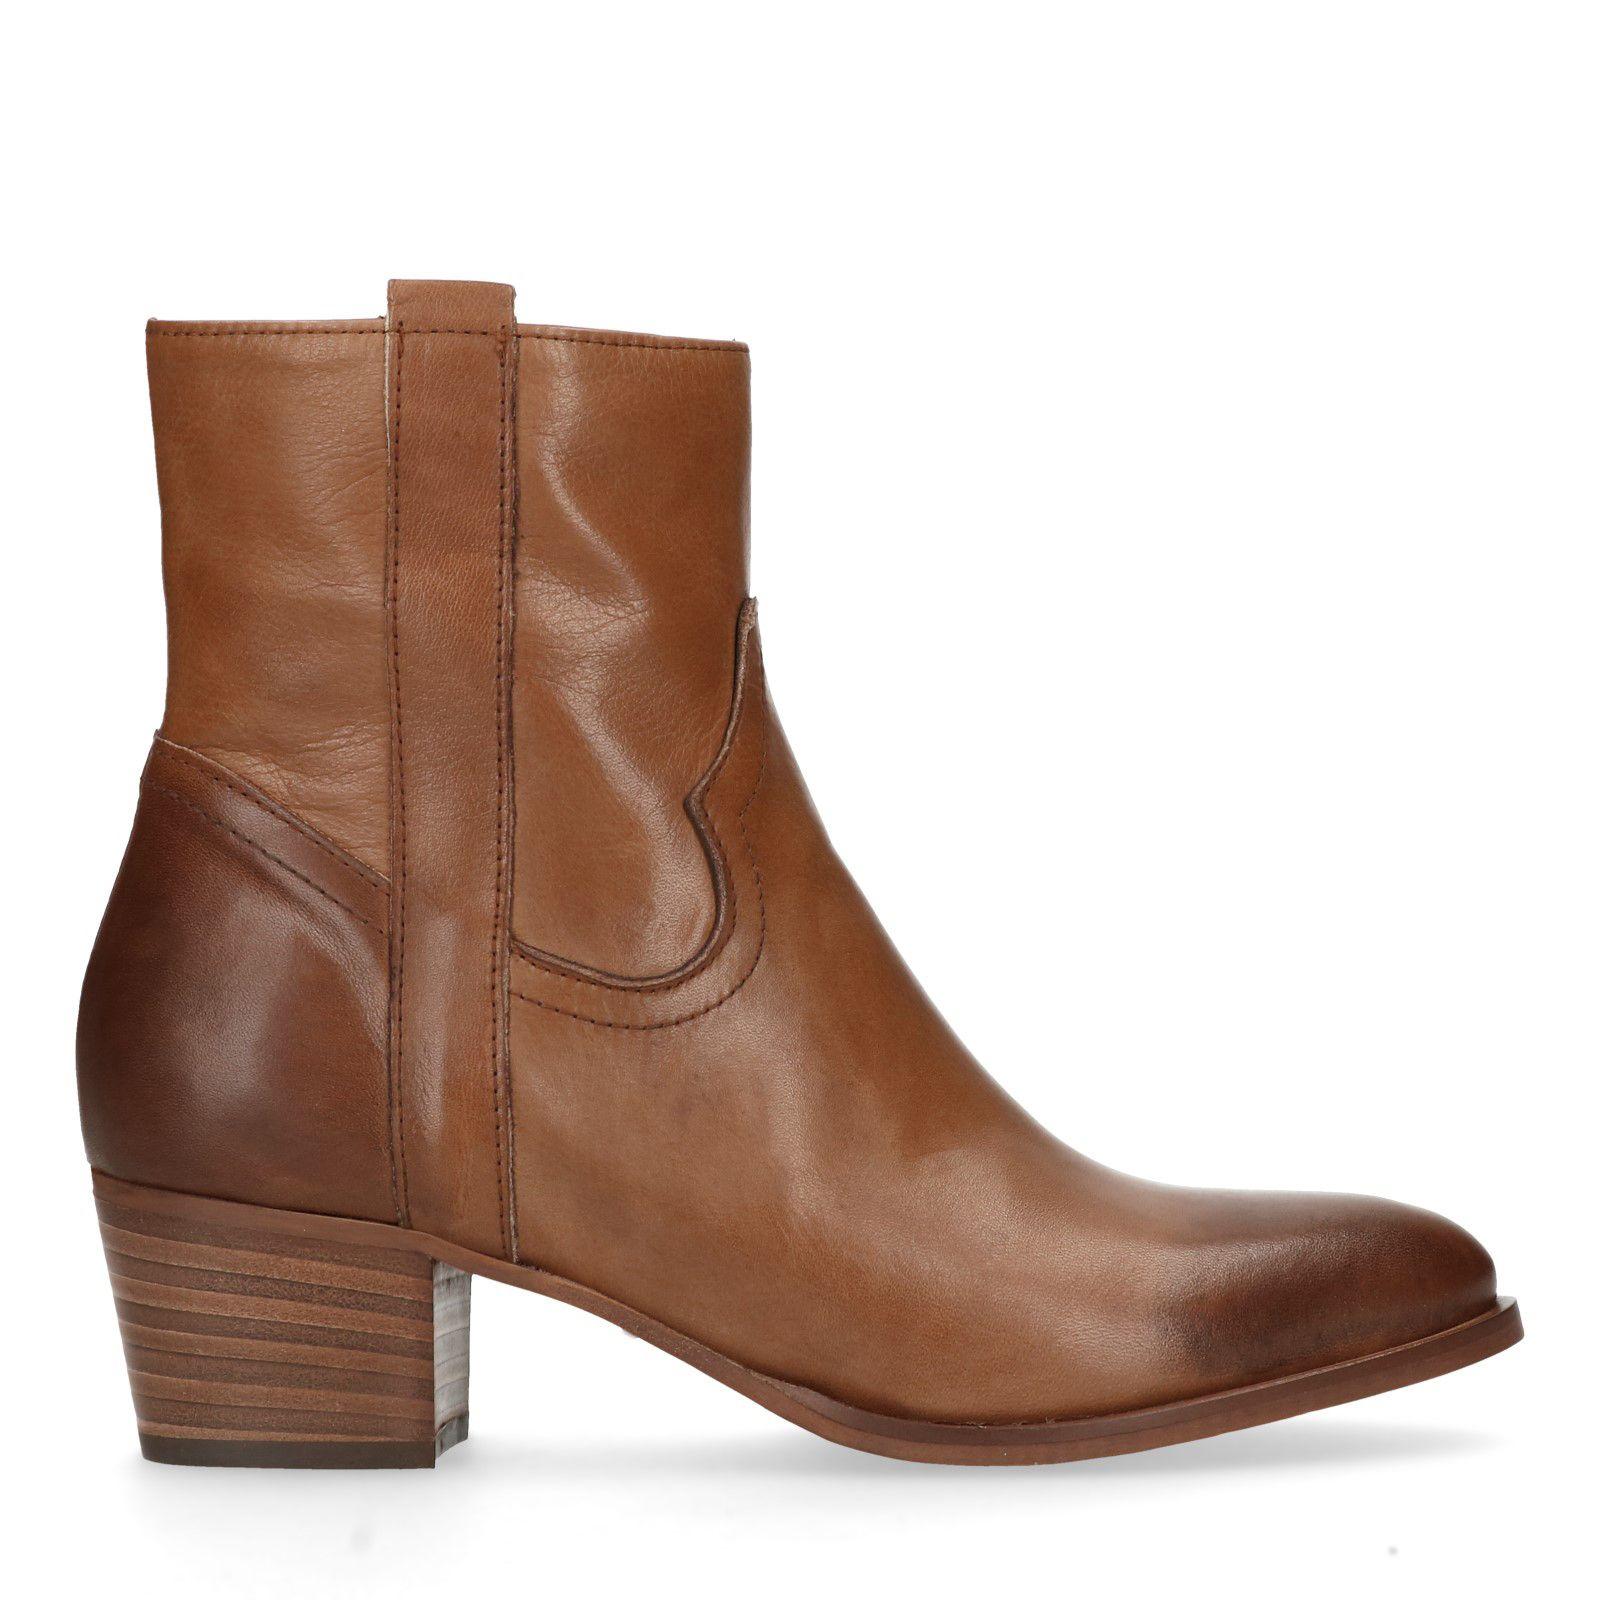 Bekend Bruine korte laarzen van leer - Dames   MANFIELD #LM83